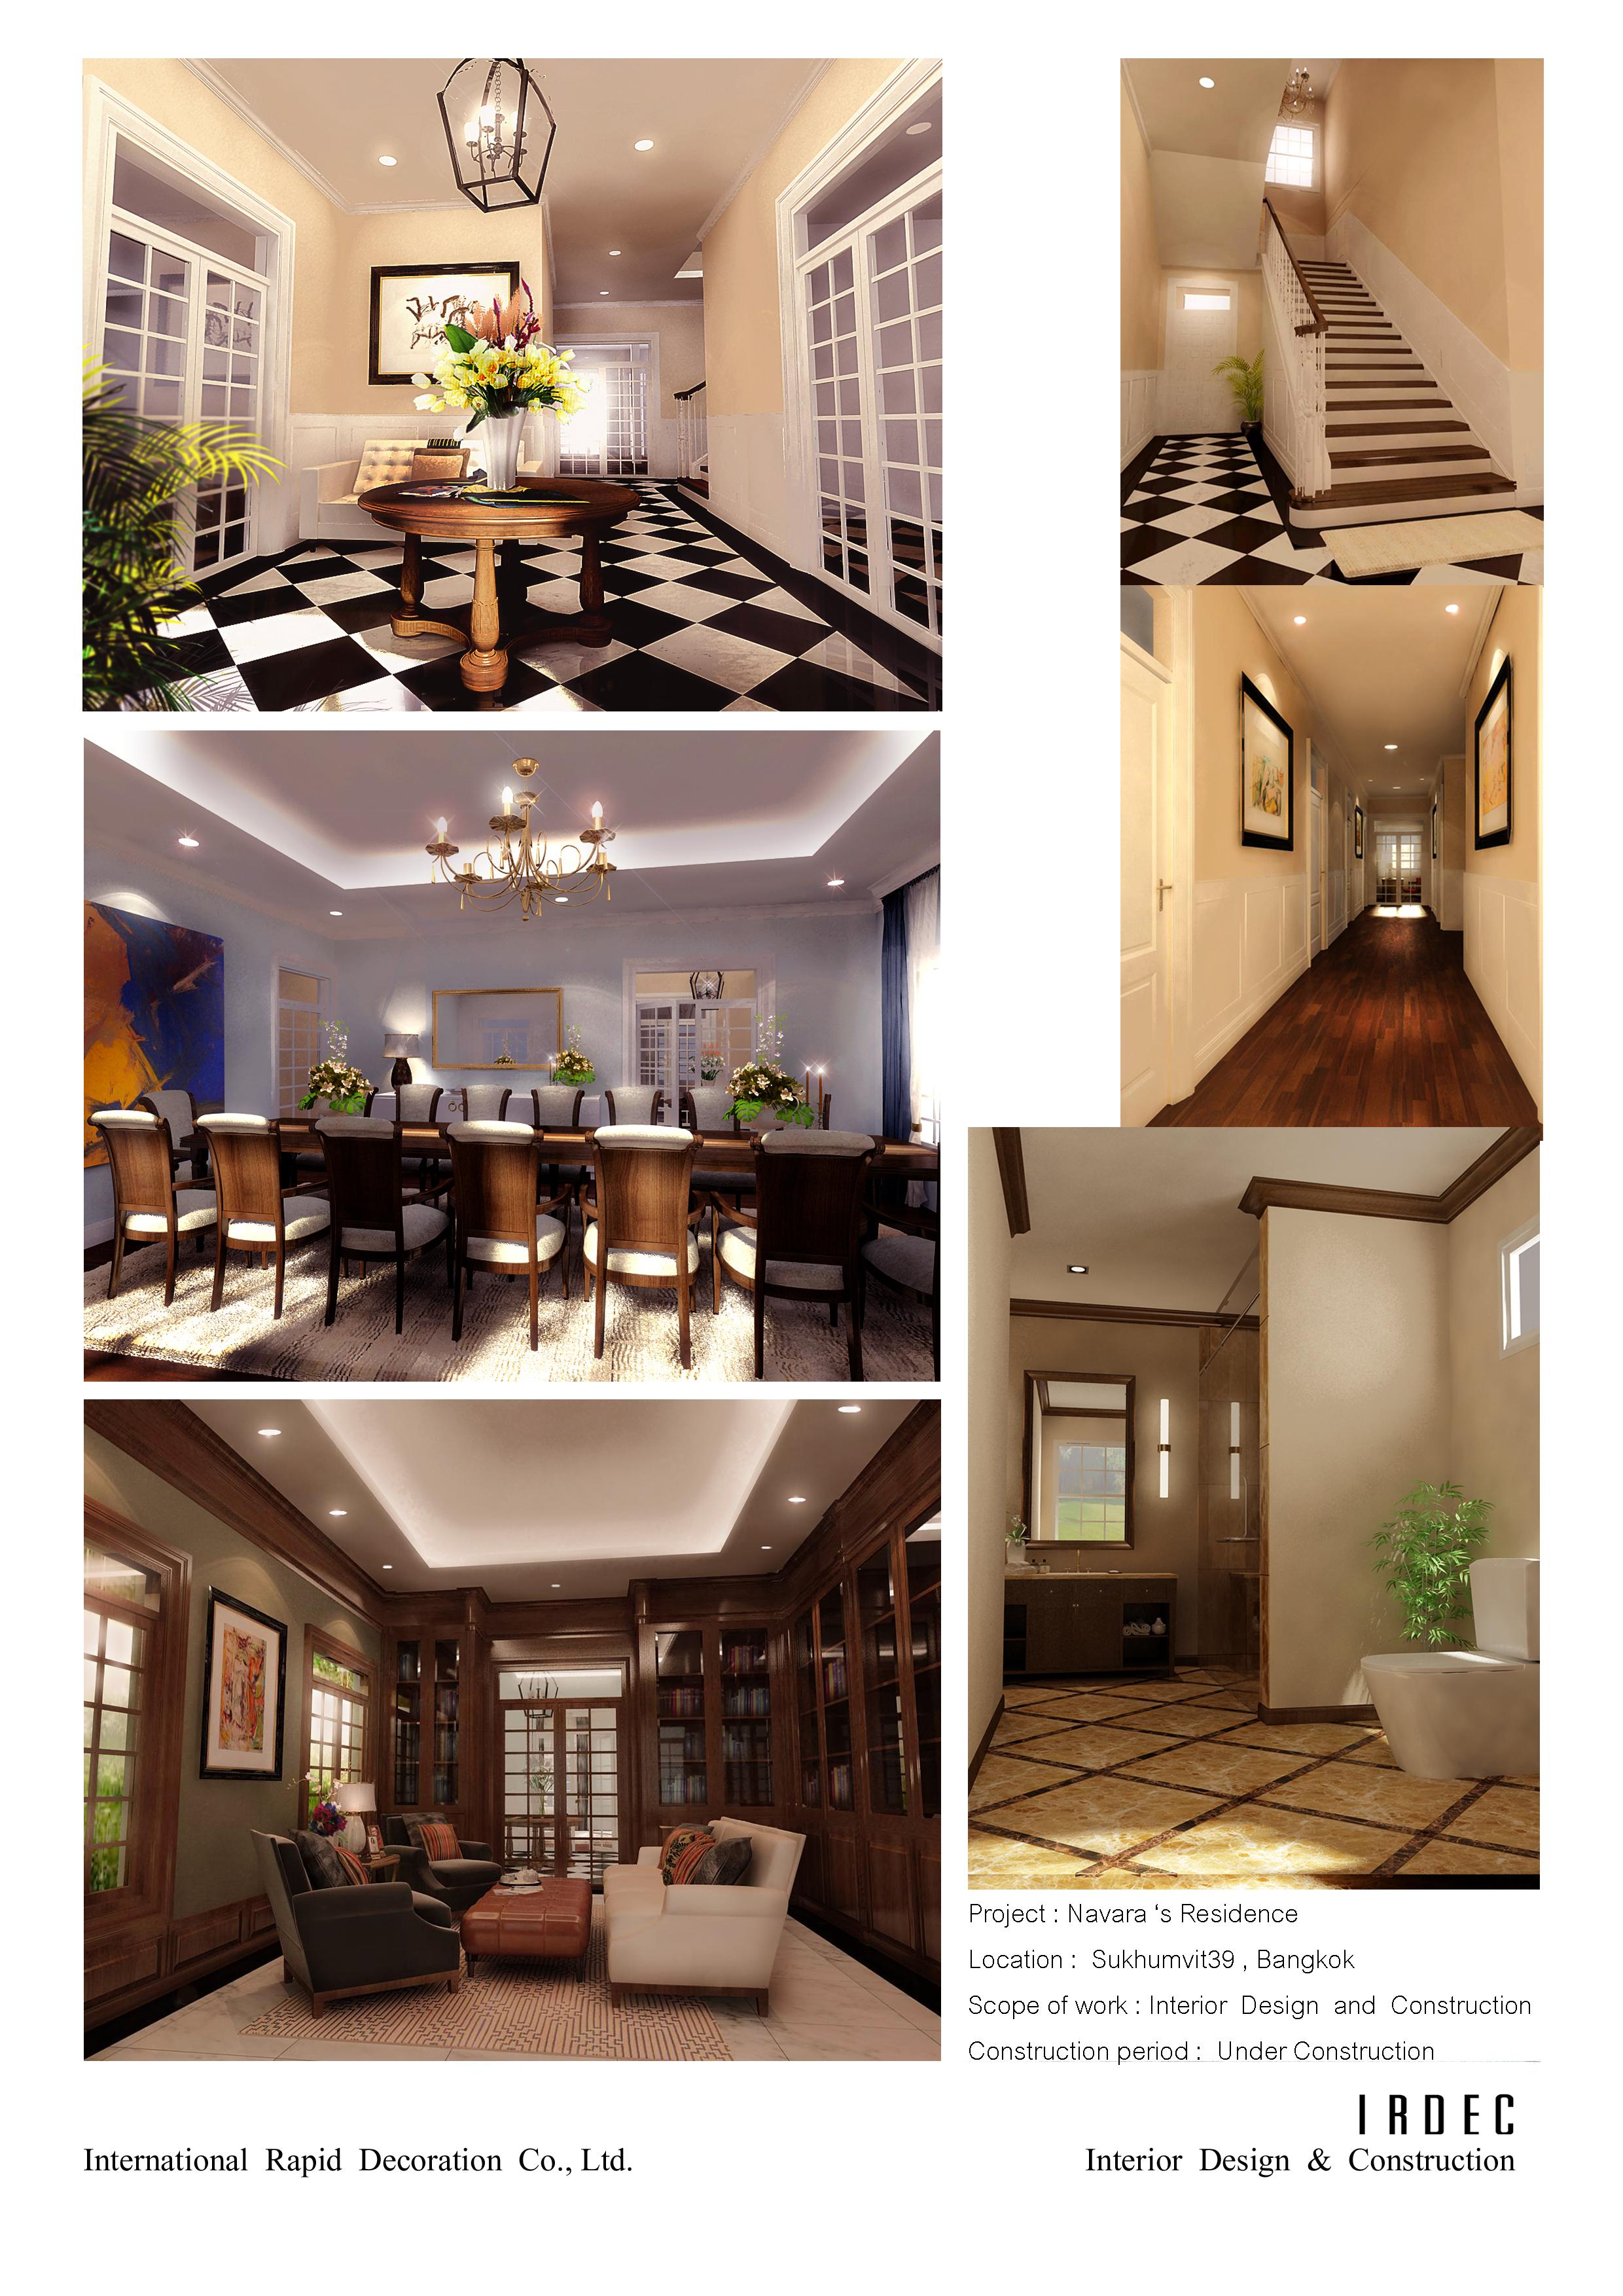 S L Home Design Co. Ltd Part - 45: Advertisements